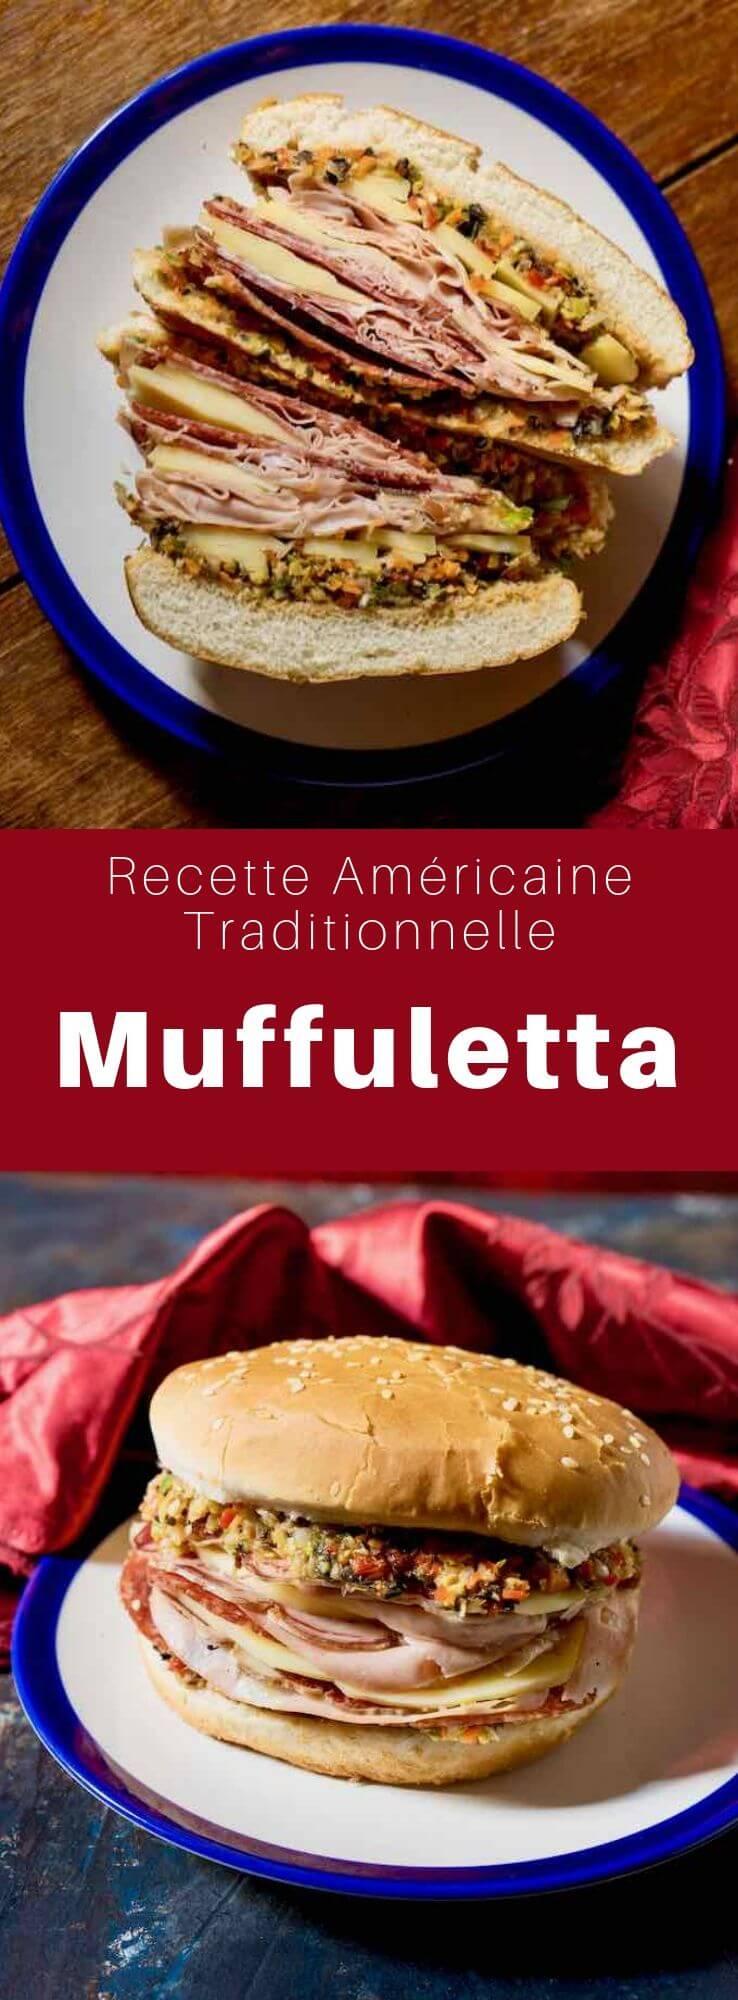 Le muffuletta est à la fois un pain au sésame rond sicilien et un sandwich populaire originaire des immigrants italiens de la Nouvelle-Orléans, en Louisiane, utilisant le même pain. #RecetteAmericaine #CuisineAmericaine #CuisineDuMonde #196flavors